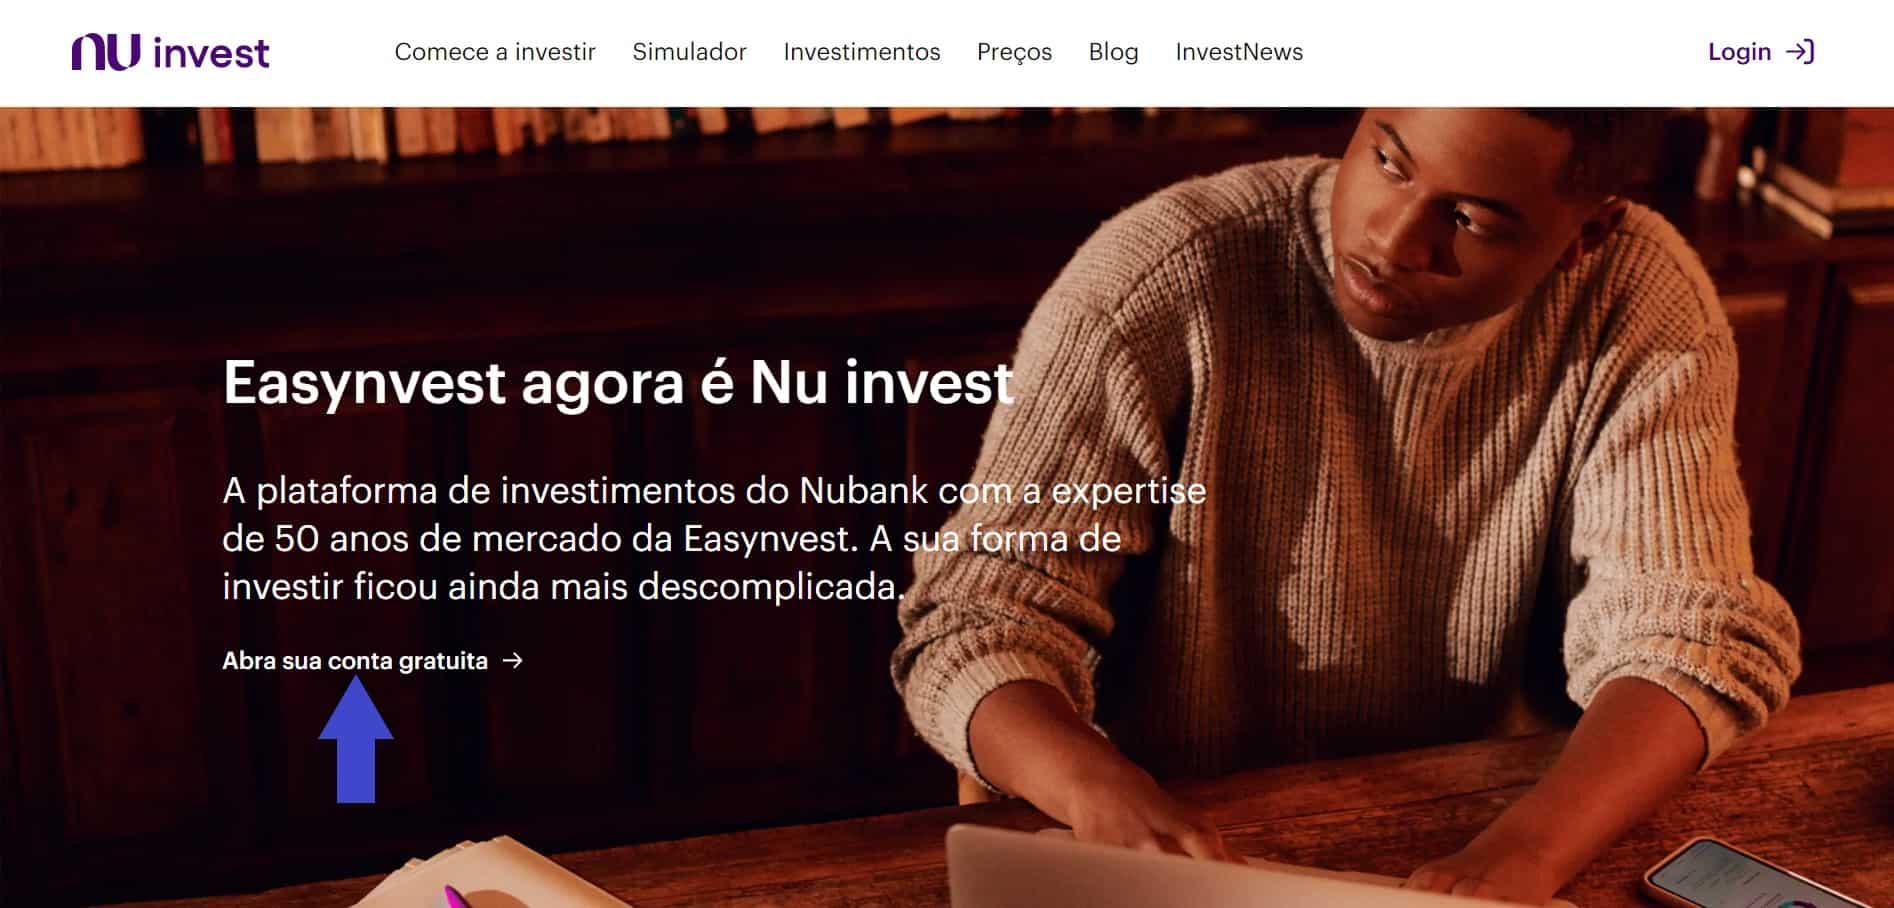 abrir conta no nu invest pelo site